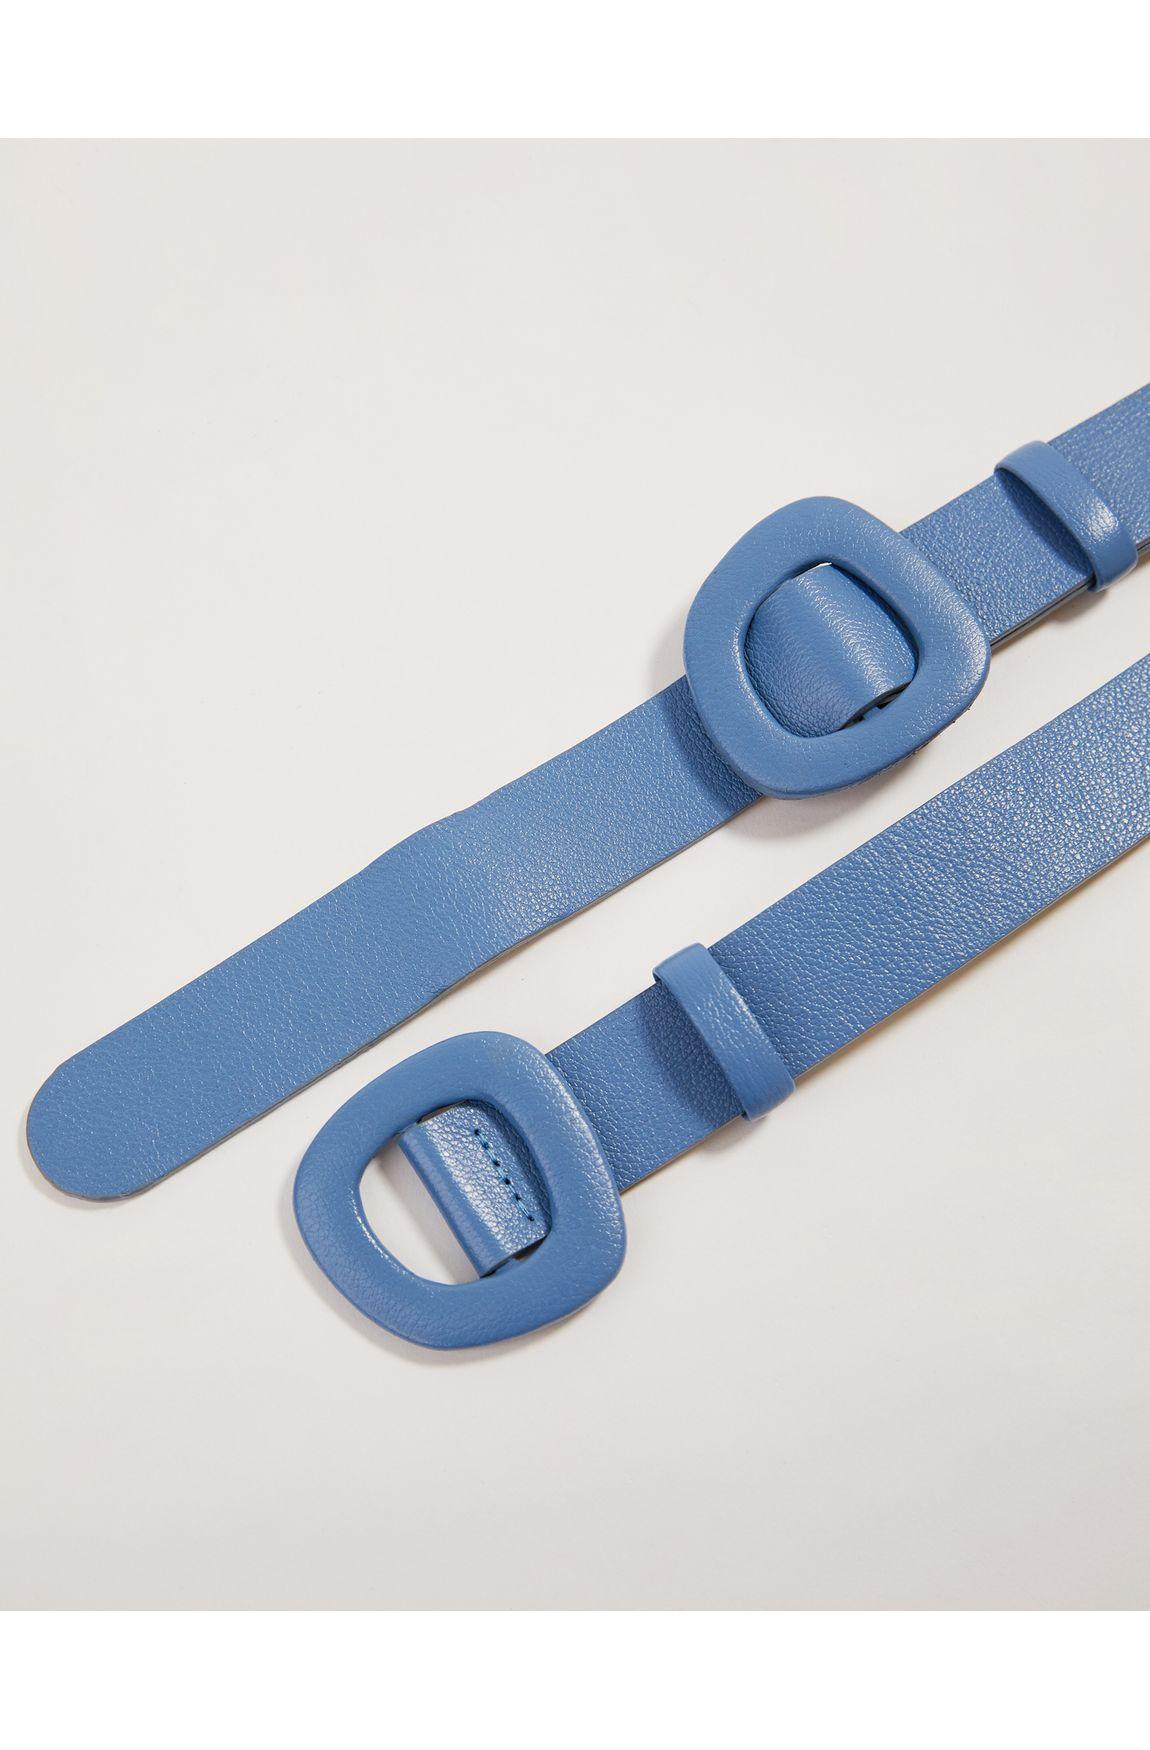 Cinto fivela dupla azul